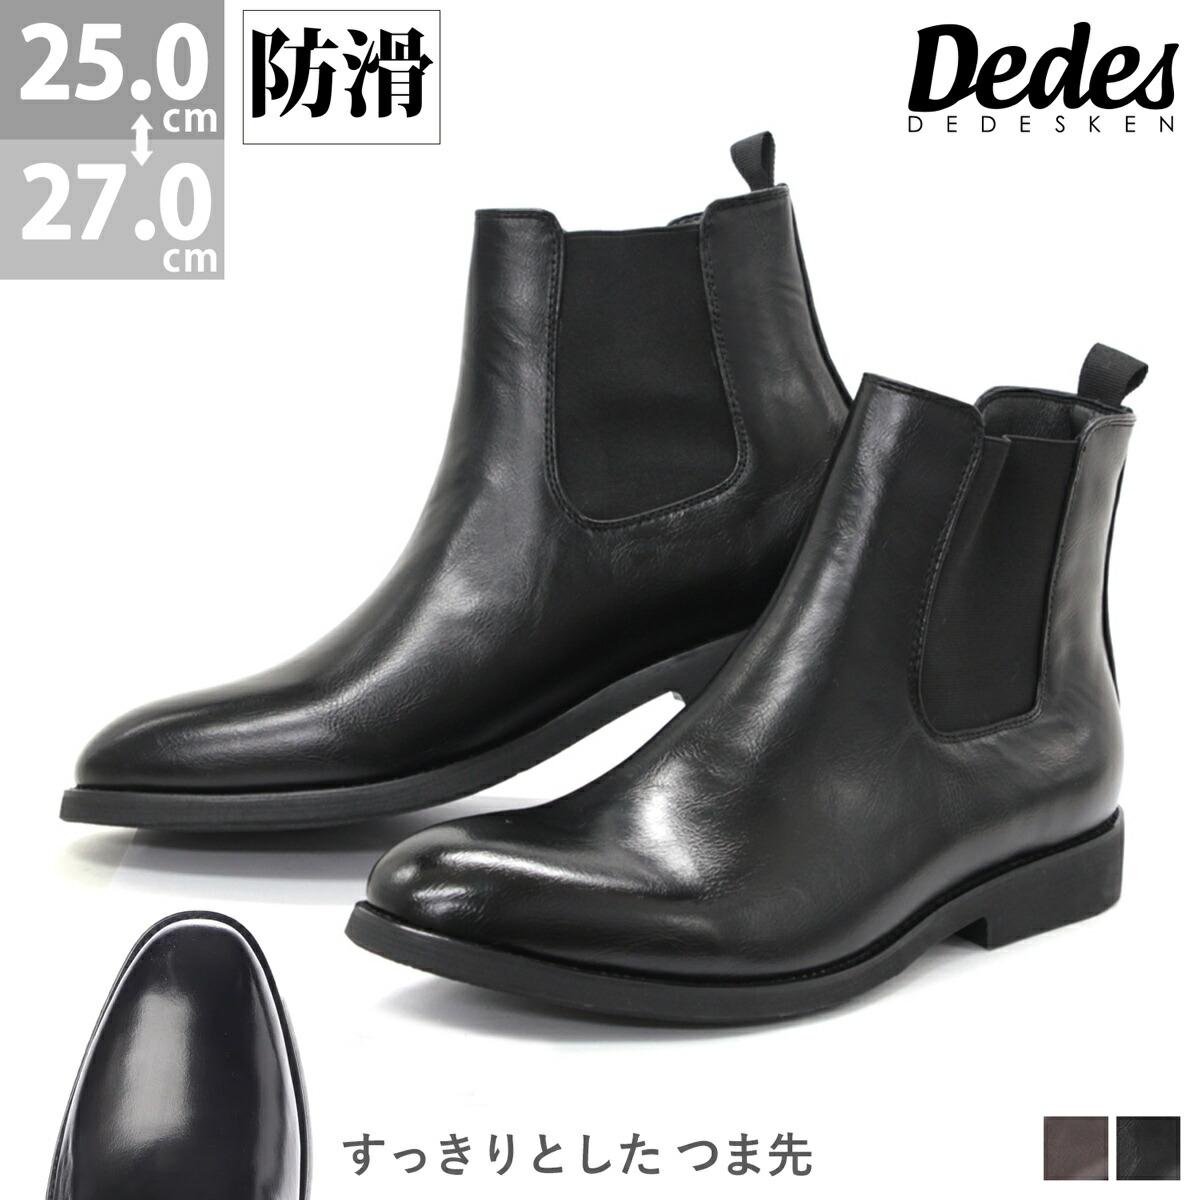 ブーツ サイドゴア PUレザー カジュアル 紳士靴 黒 靴